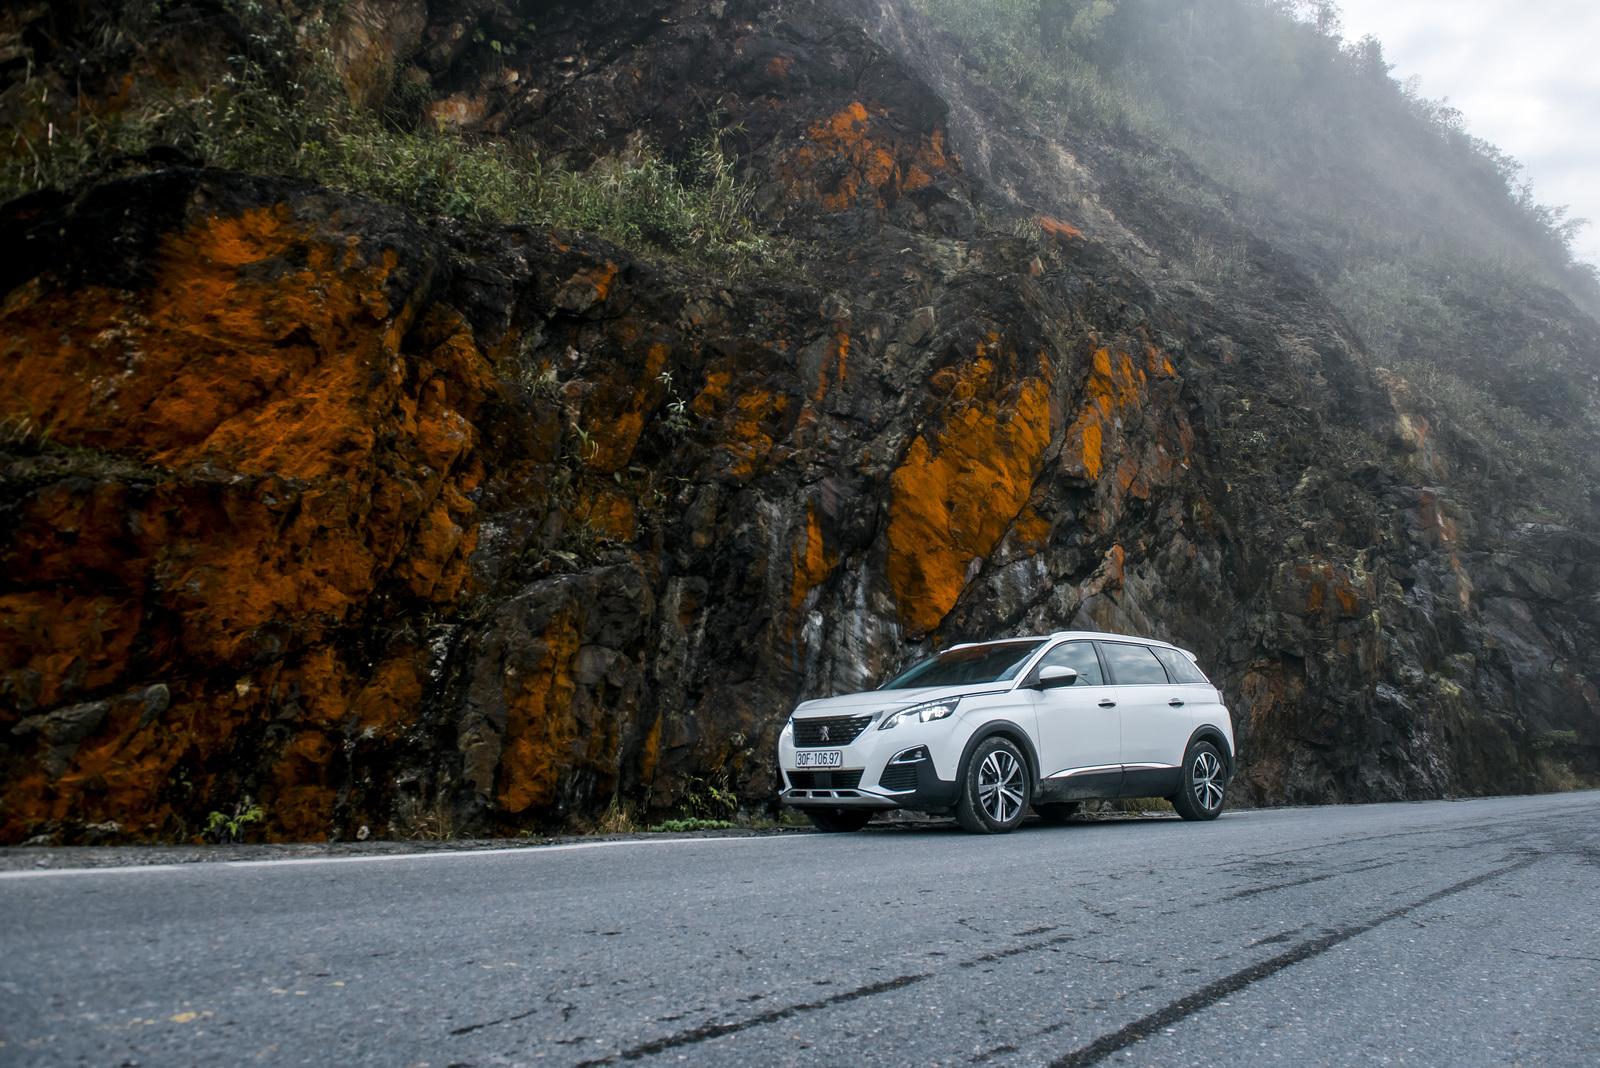 Peugeot-Sapa110-4527-1568884375.jpg